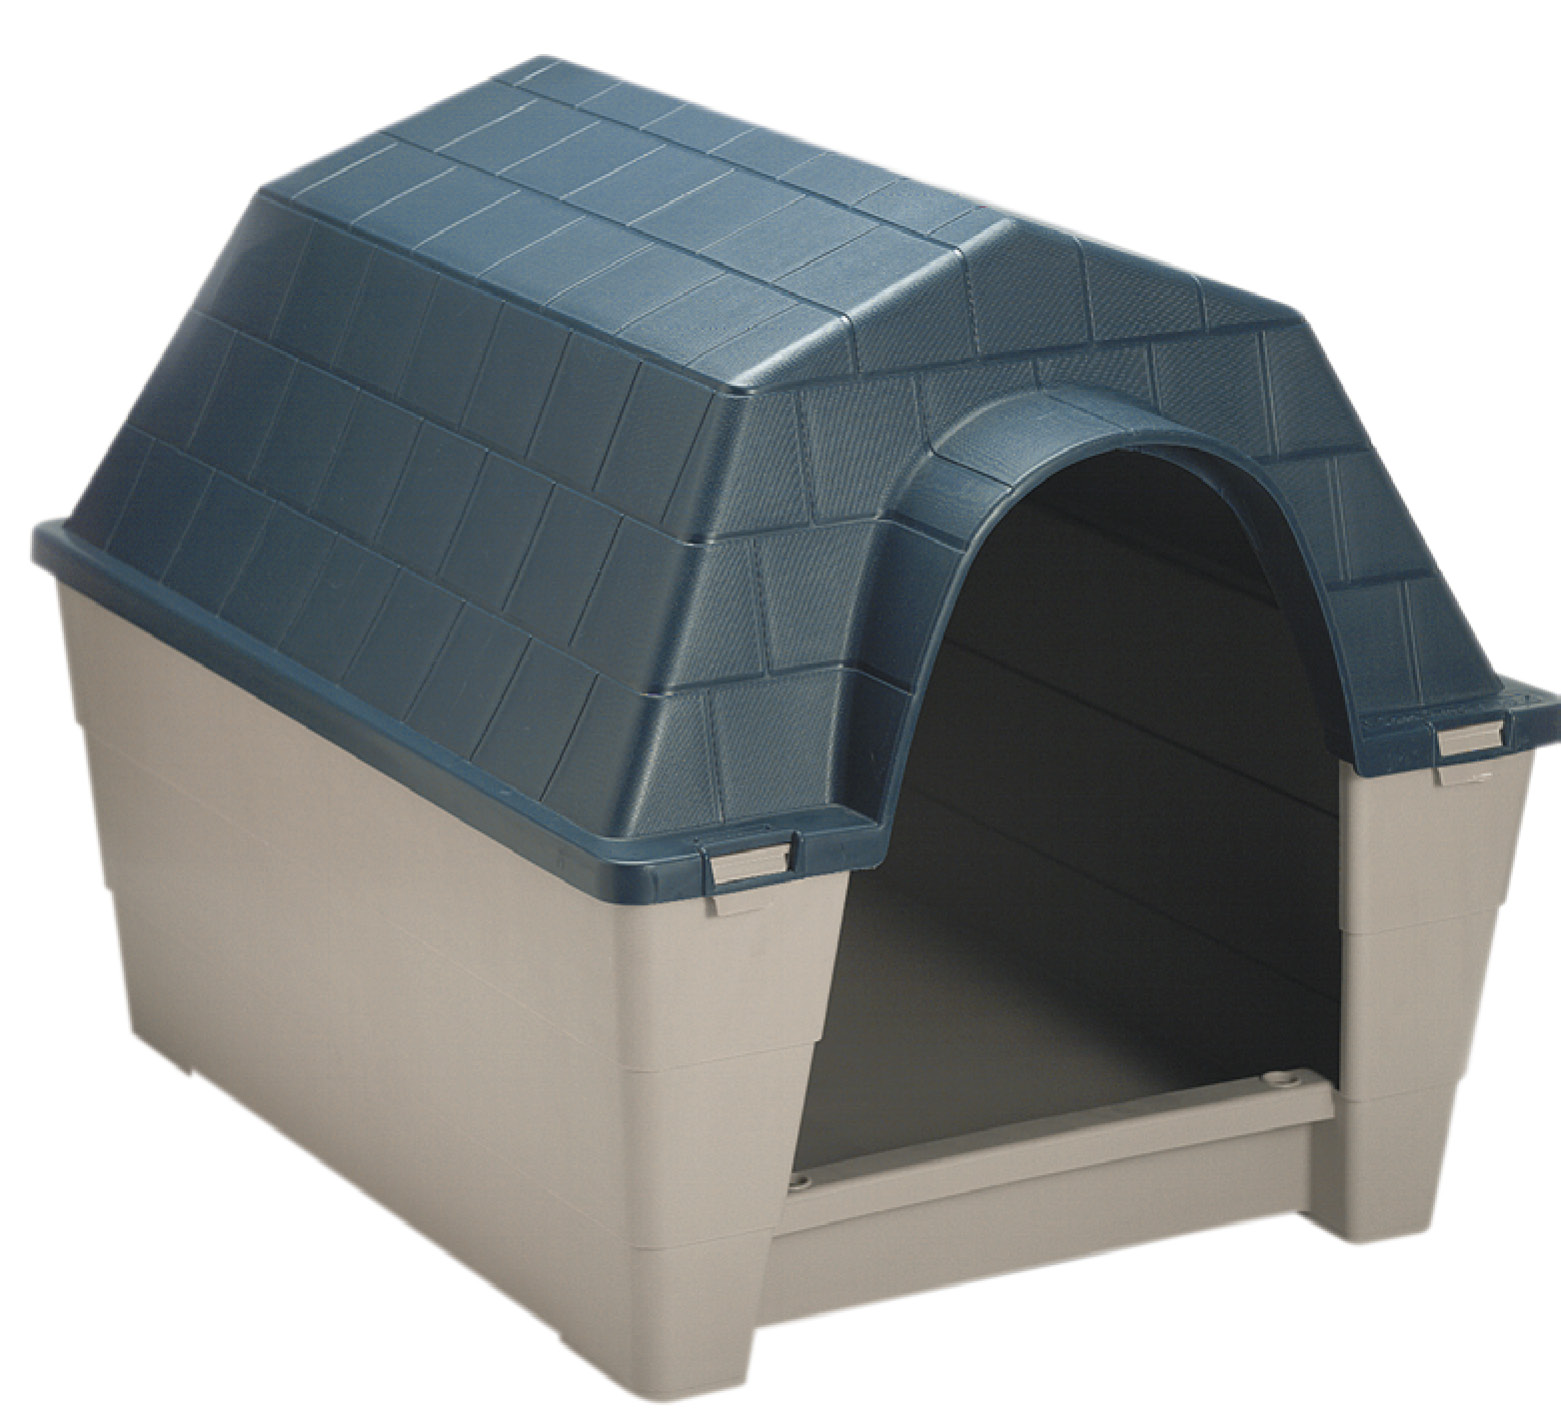 Casetas para perros casas para perros accesorios de perros for Casetas de almacenaje para jardin